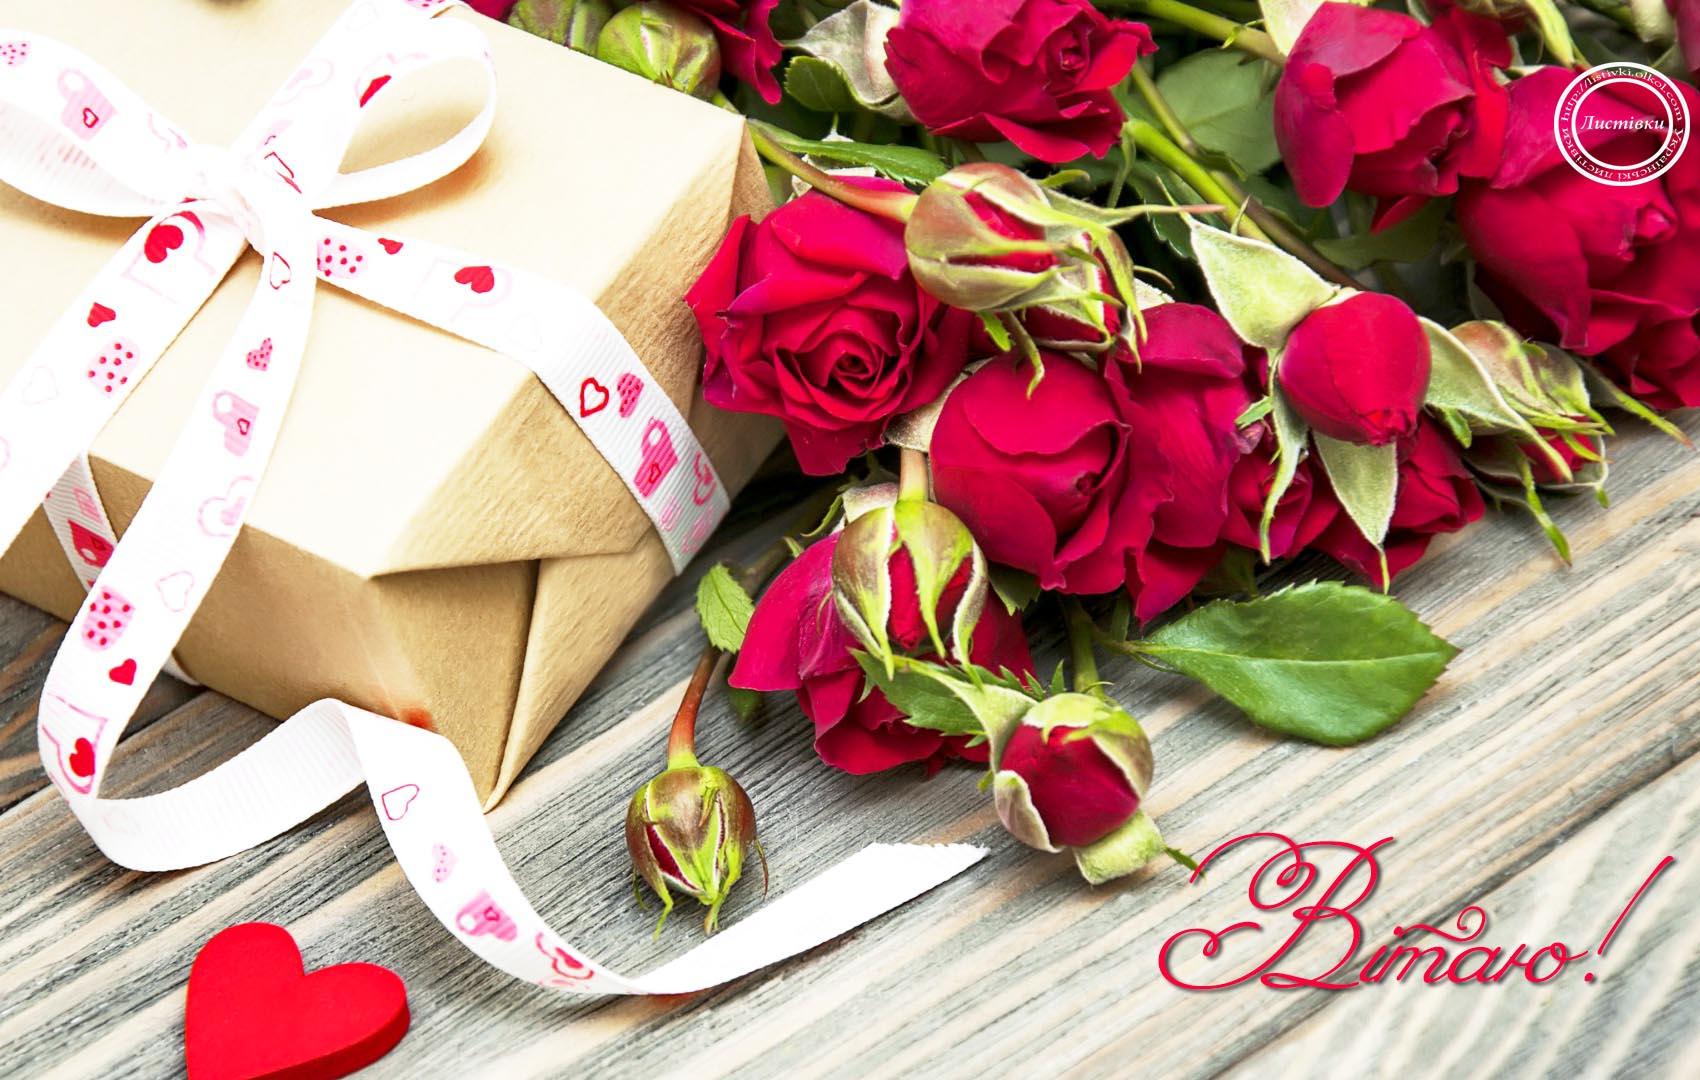 Вітальна відкритка на День святого Валентина